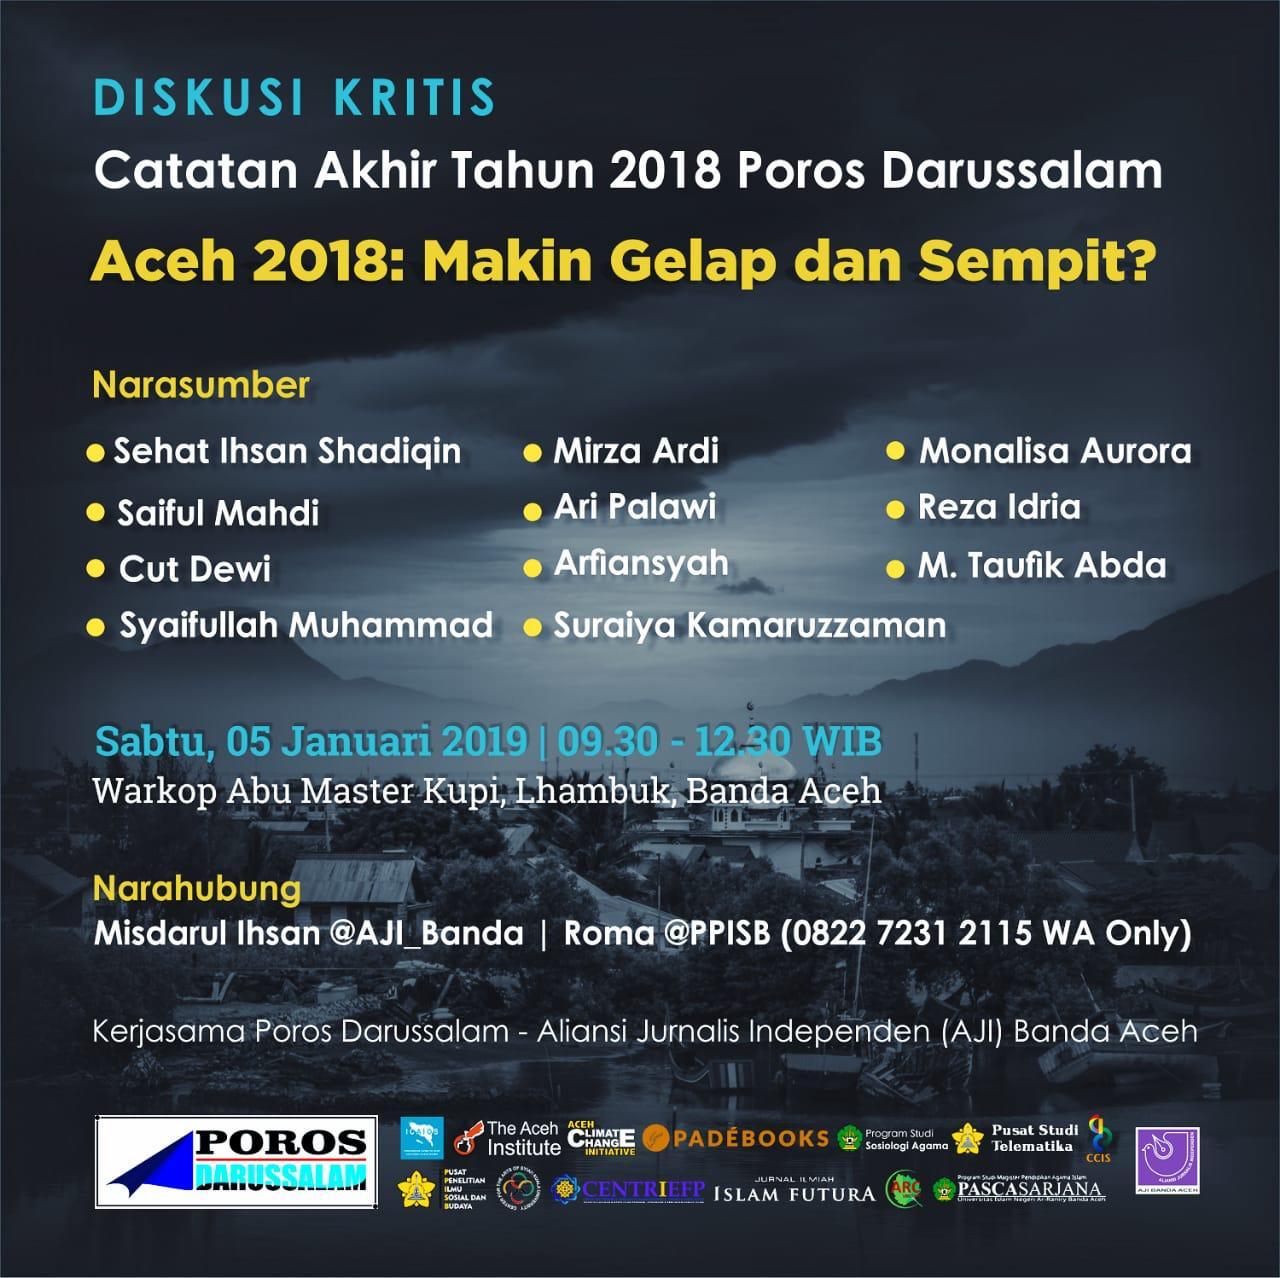 Diskusi Akhir tahun 2018 untuk Aceh